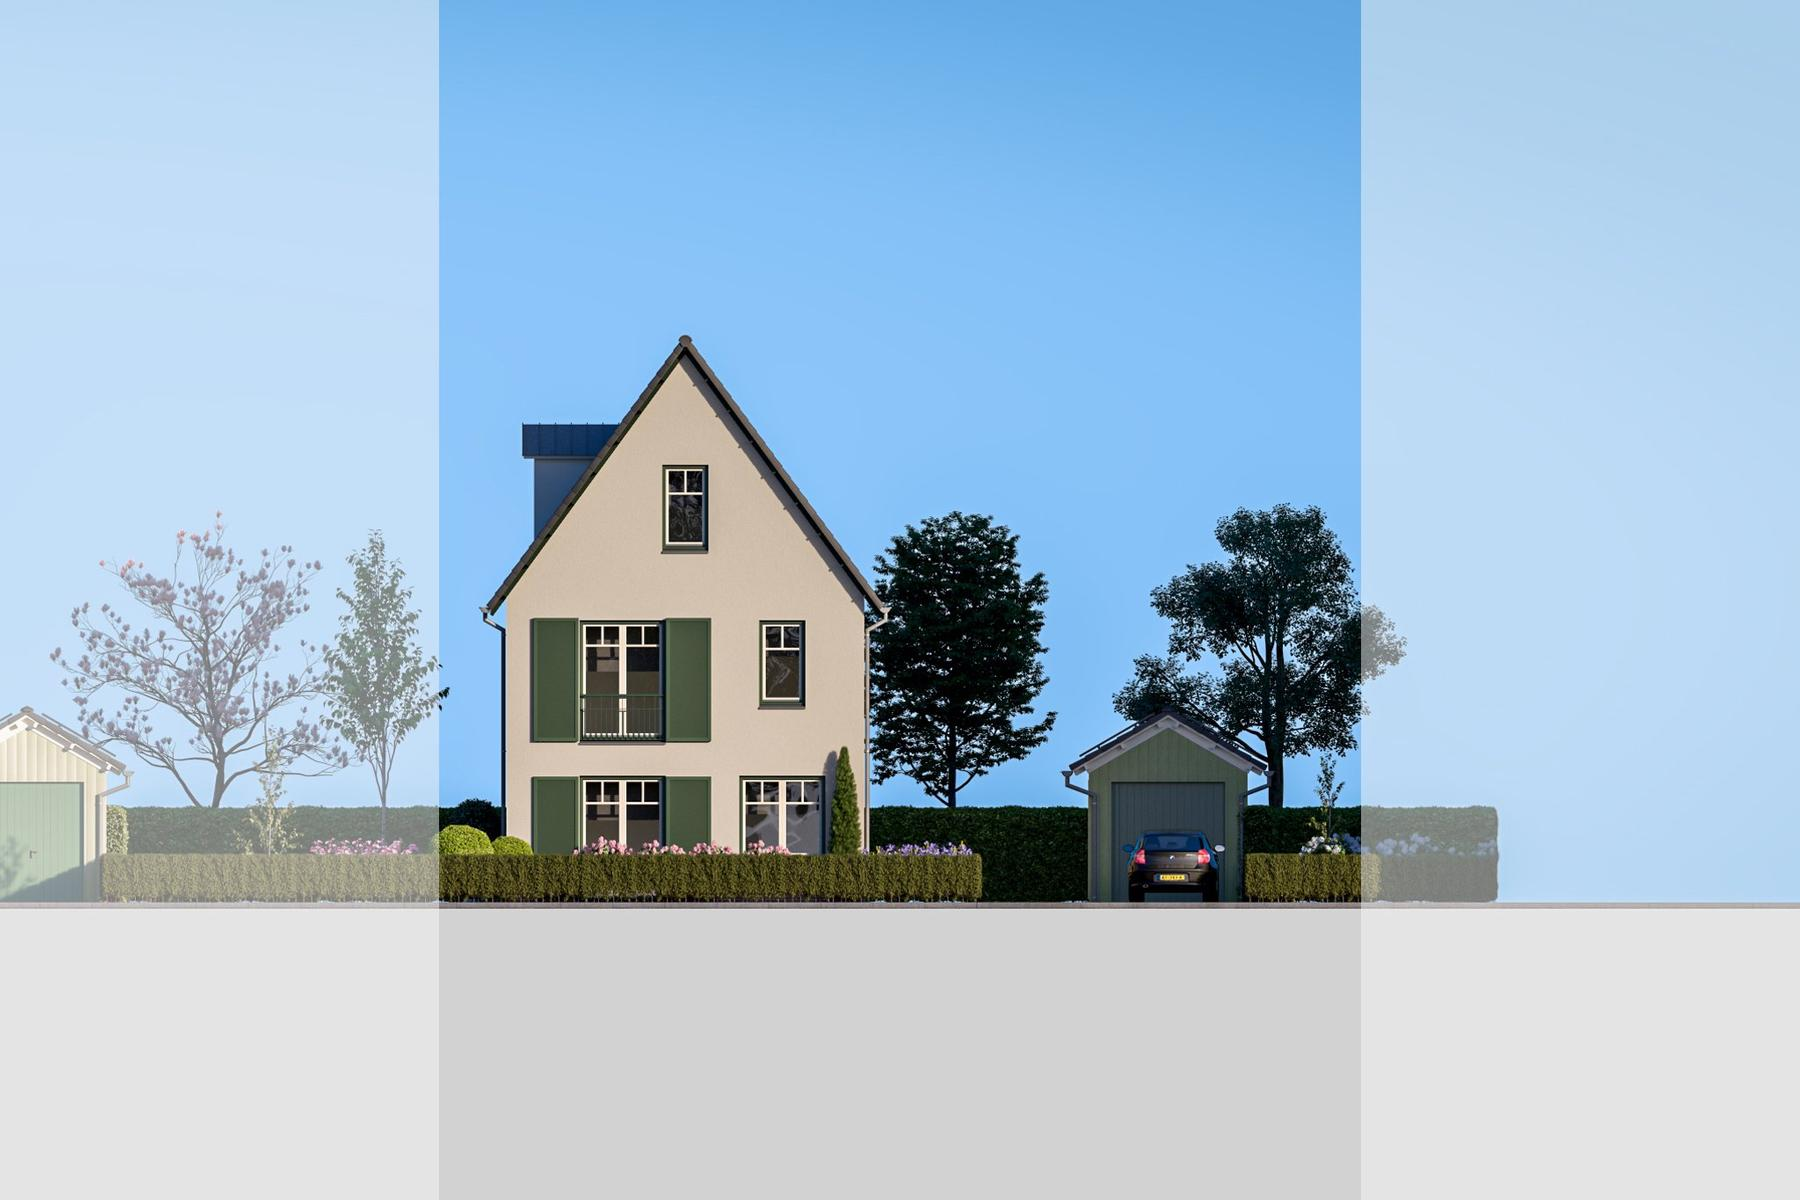 Woonpark-Hoevelaken-Het-Landgoed-fase-2-bwnr-42.jpg